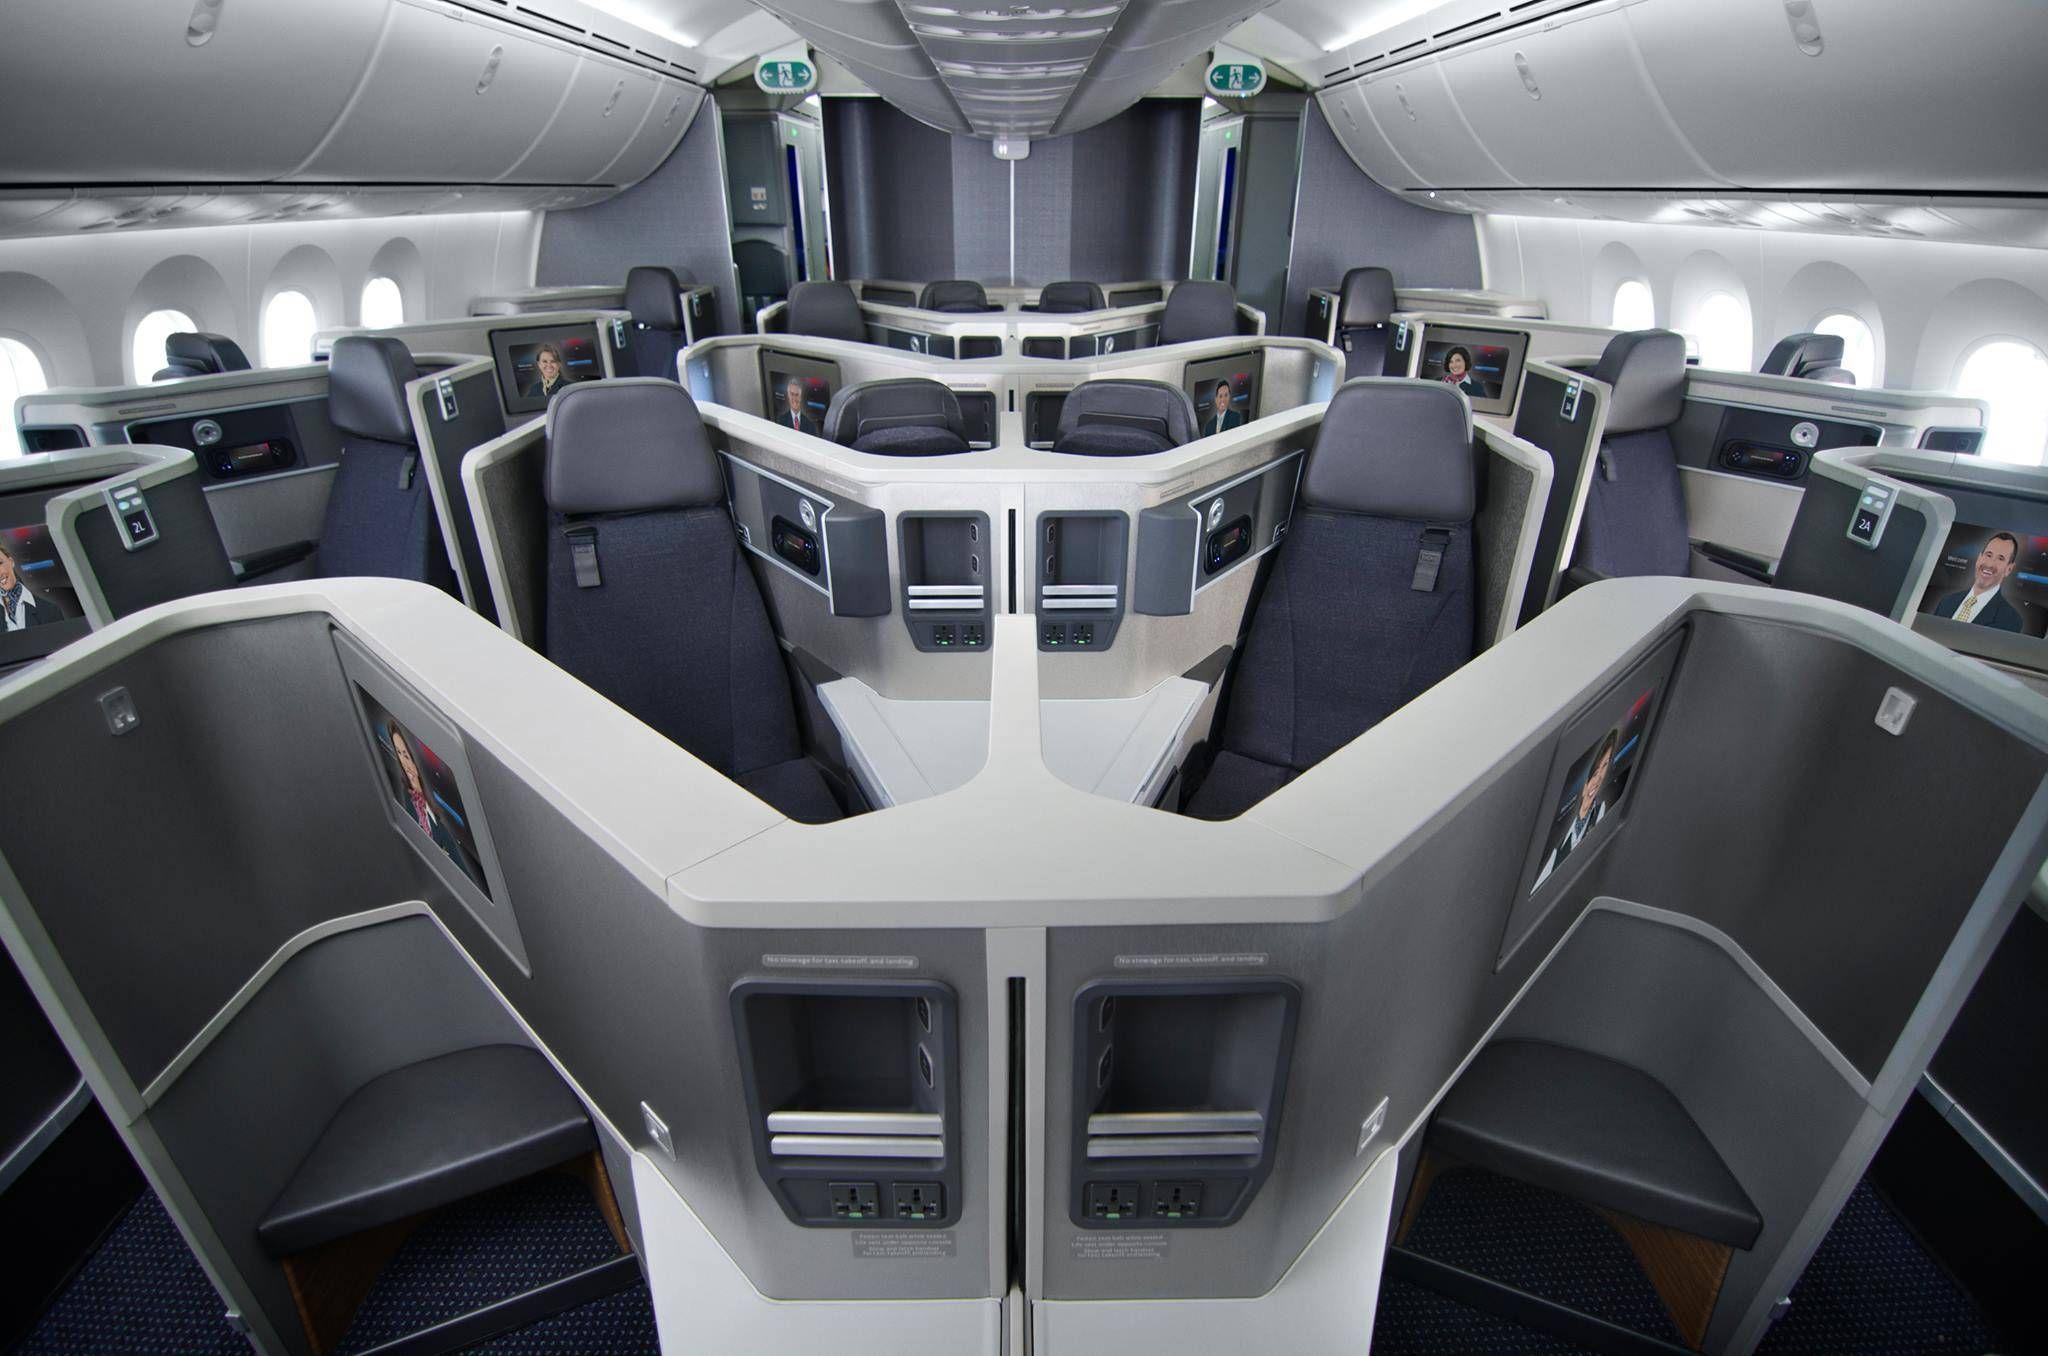 American Airlines retomará voos diretos entre o Rio de Janeiro e Dallas durante a alta temporada